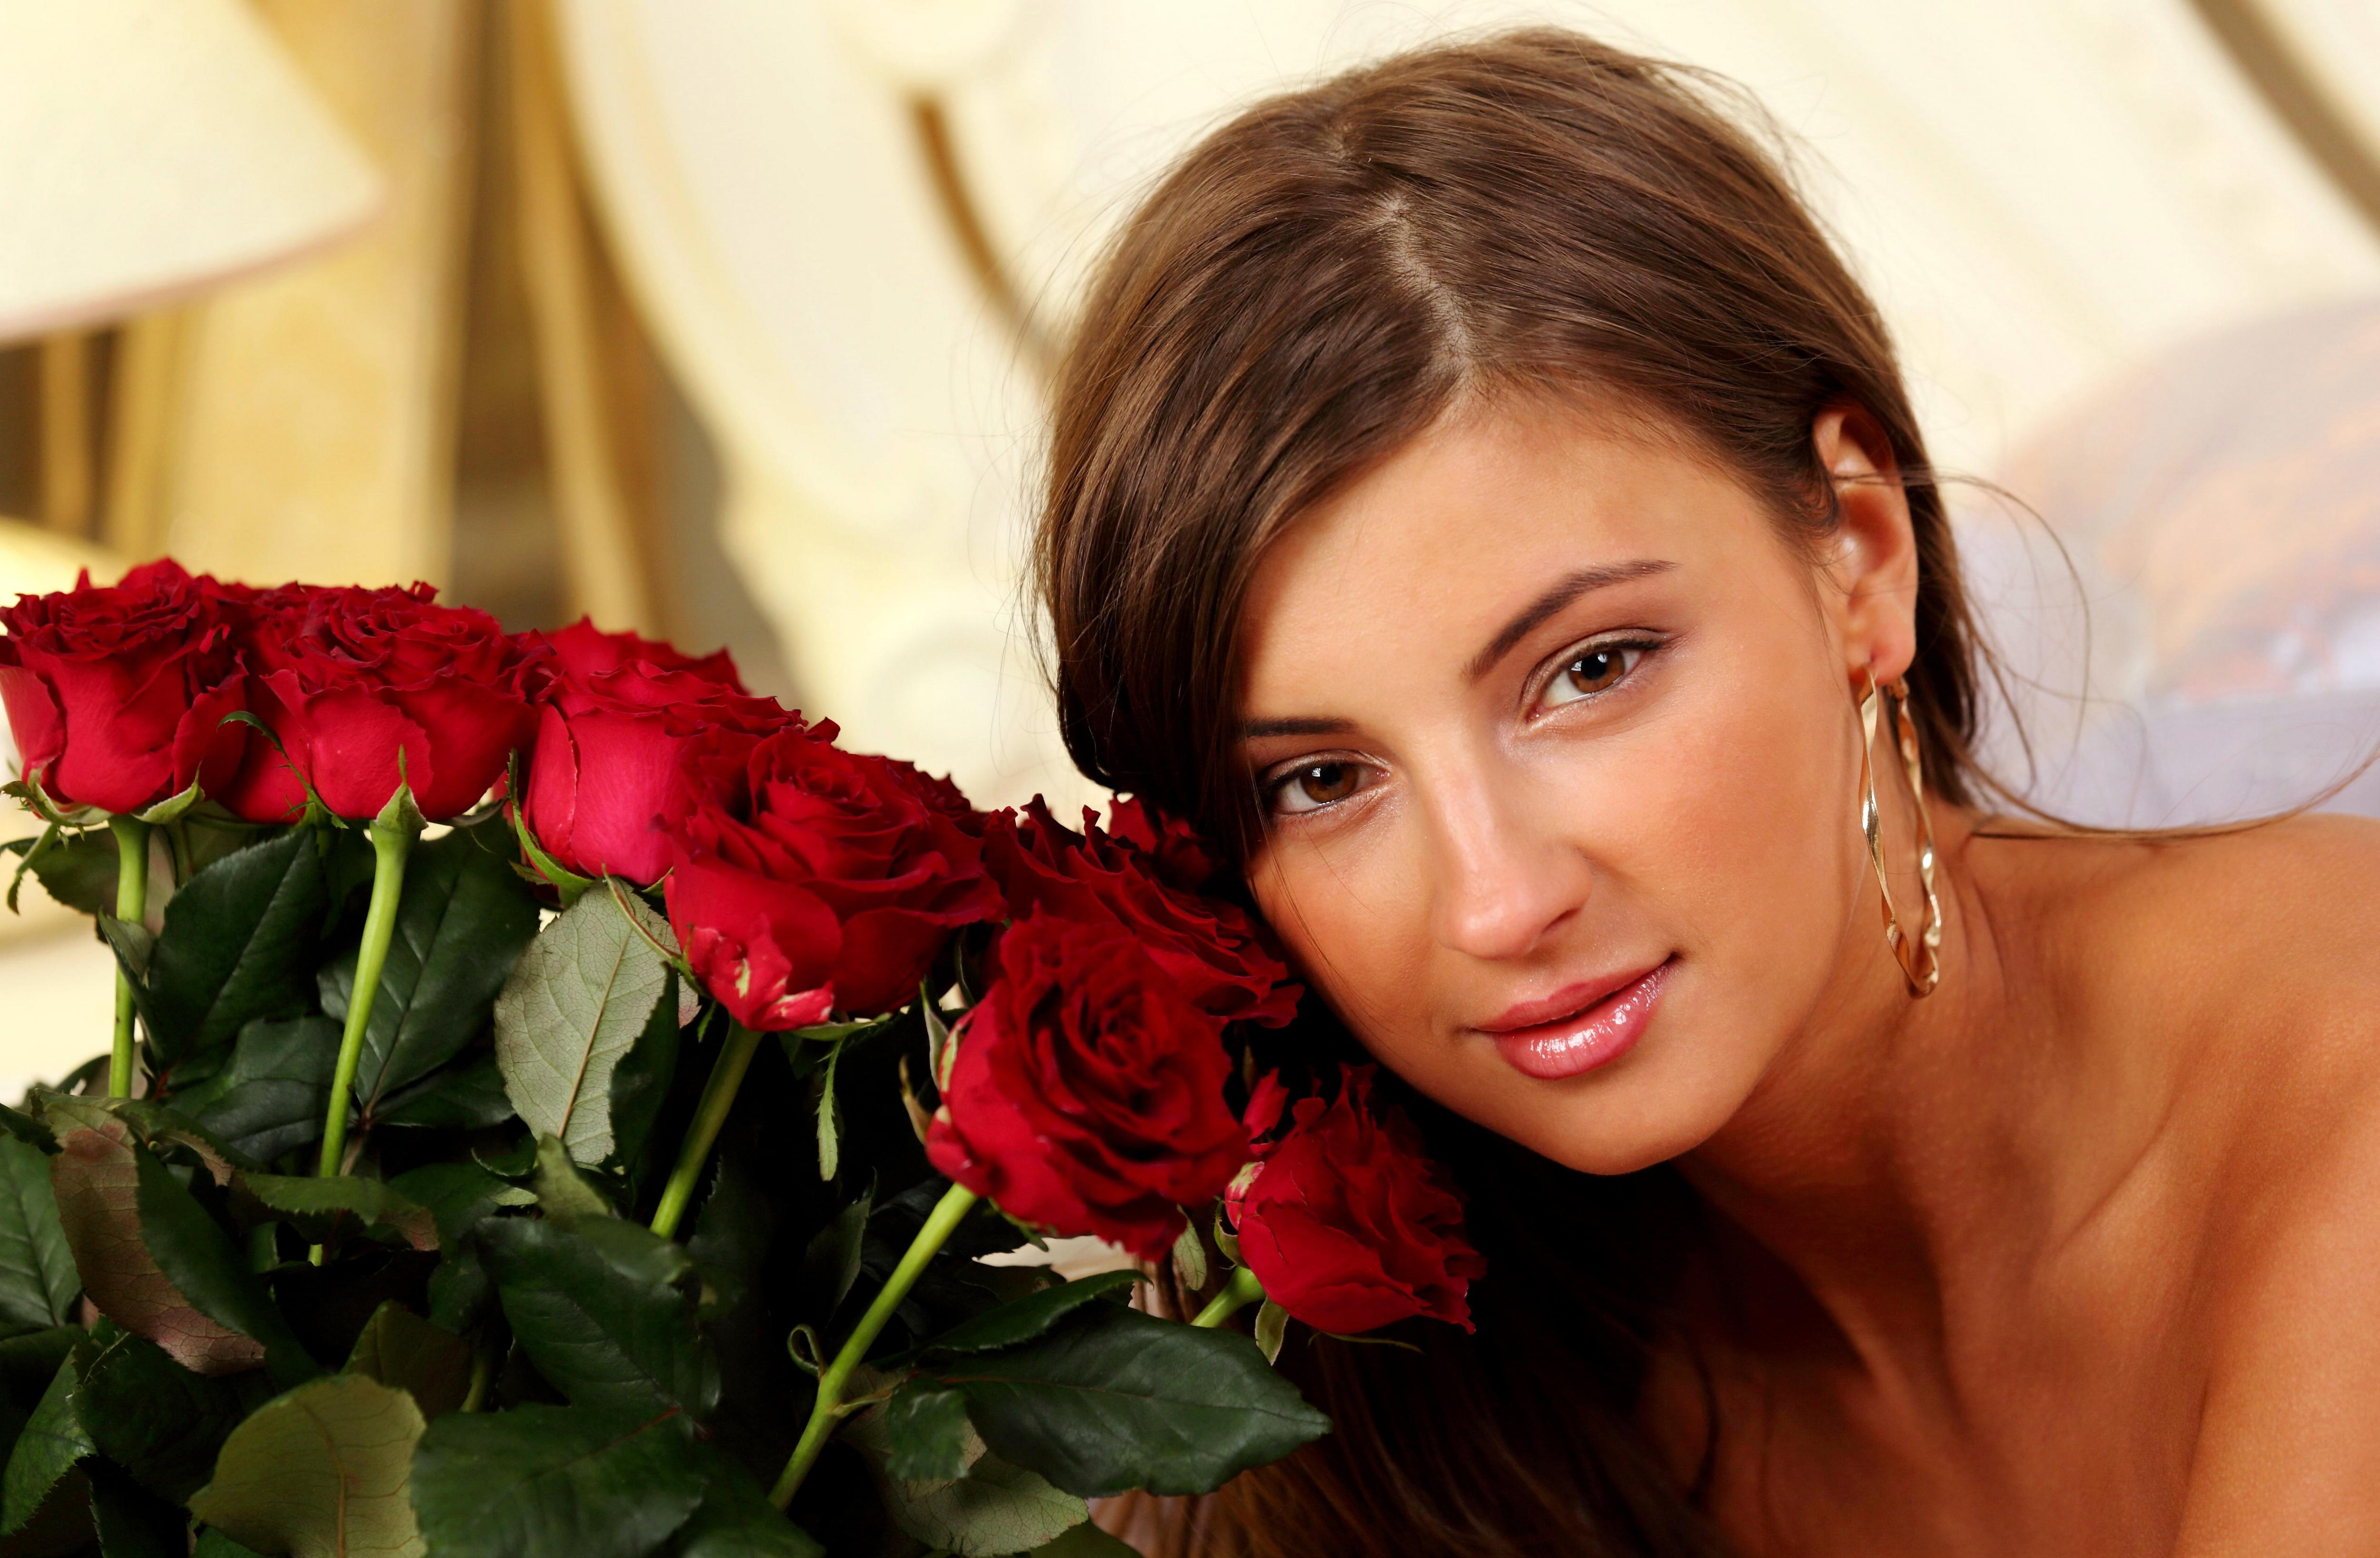 Картинки ты прекрасная девушка, февраля для